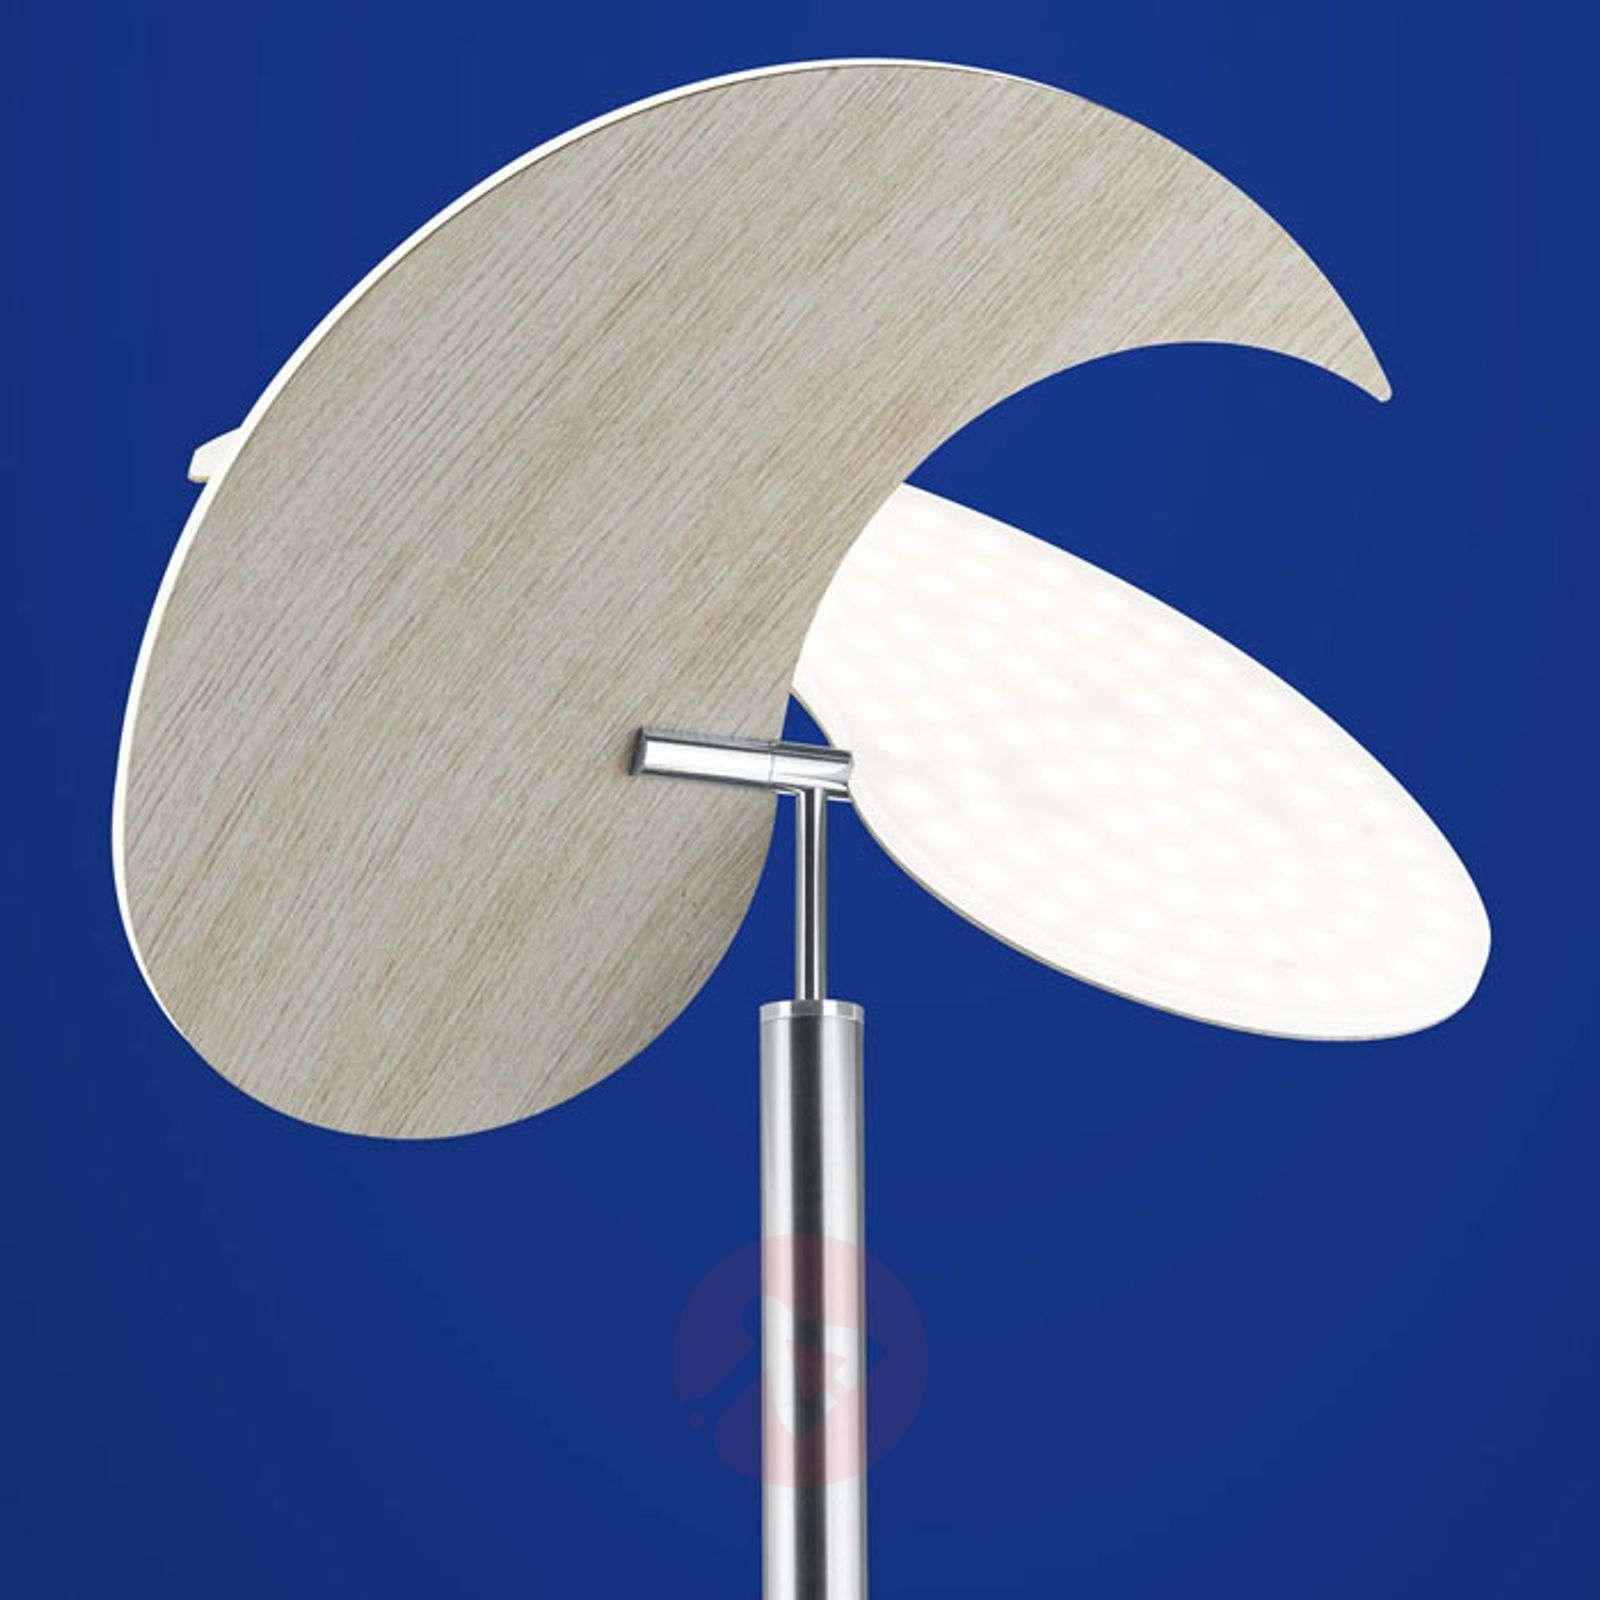 B-Leuchten Malibu LED floor lamp, light wood-1554003-01